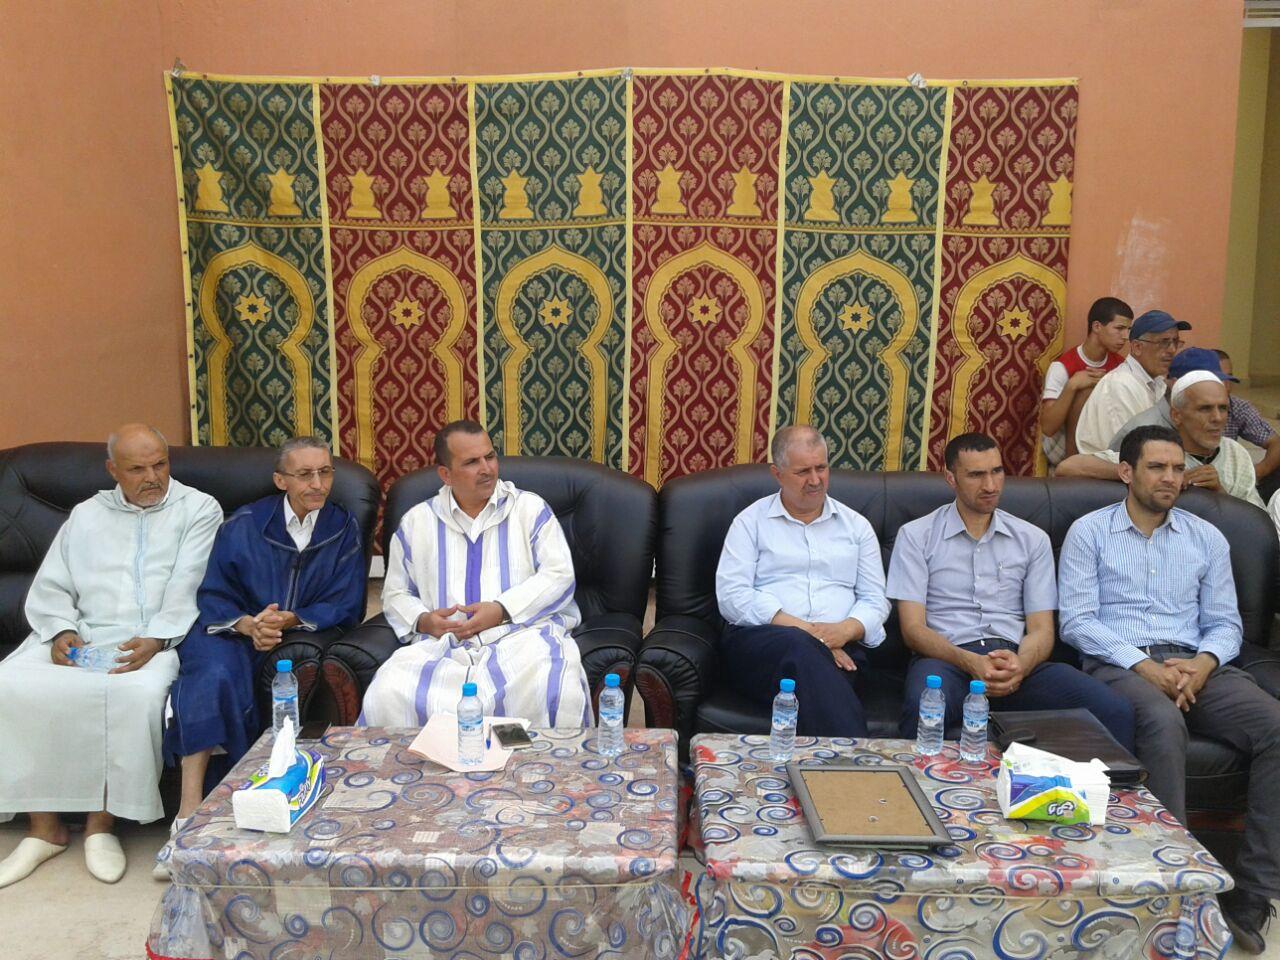 جماعة سيدي بوعبداللي تحتفي باليوم الوطني للمهاجر / مرفق بصور